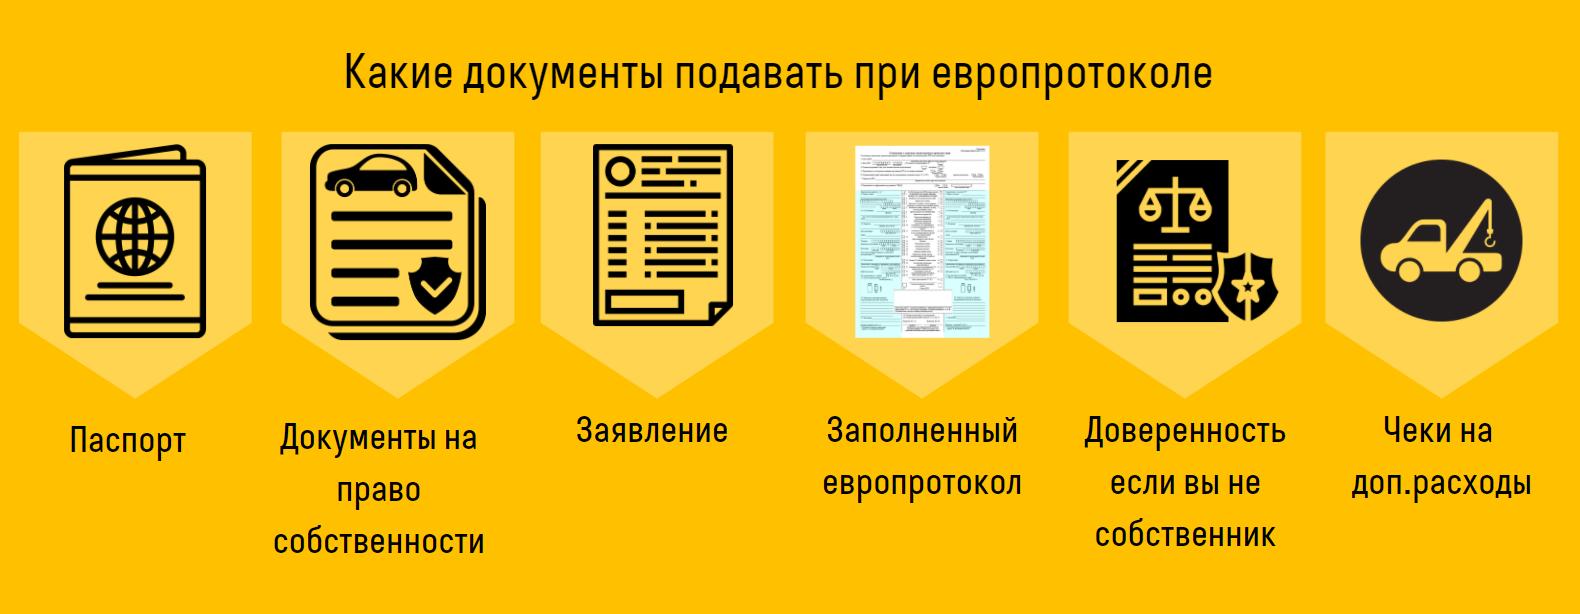 Список документов для страховой при европротоколе